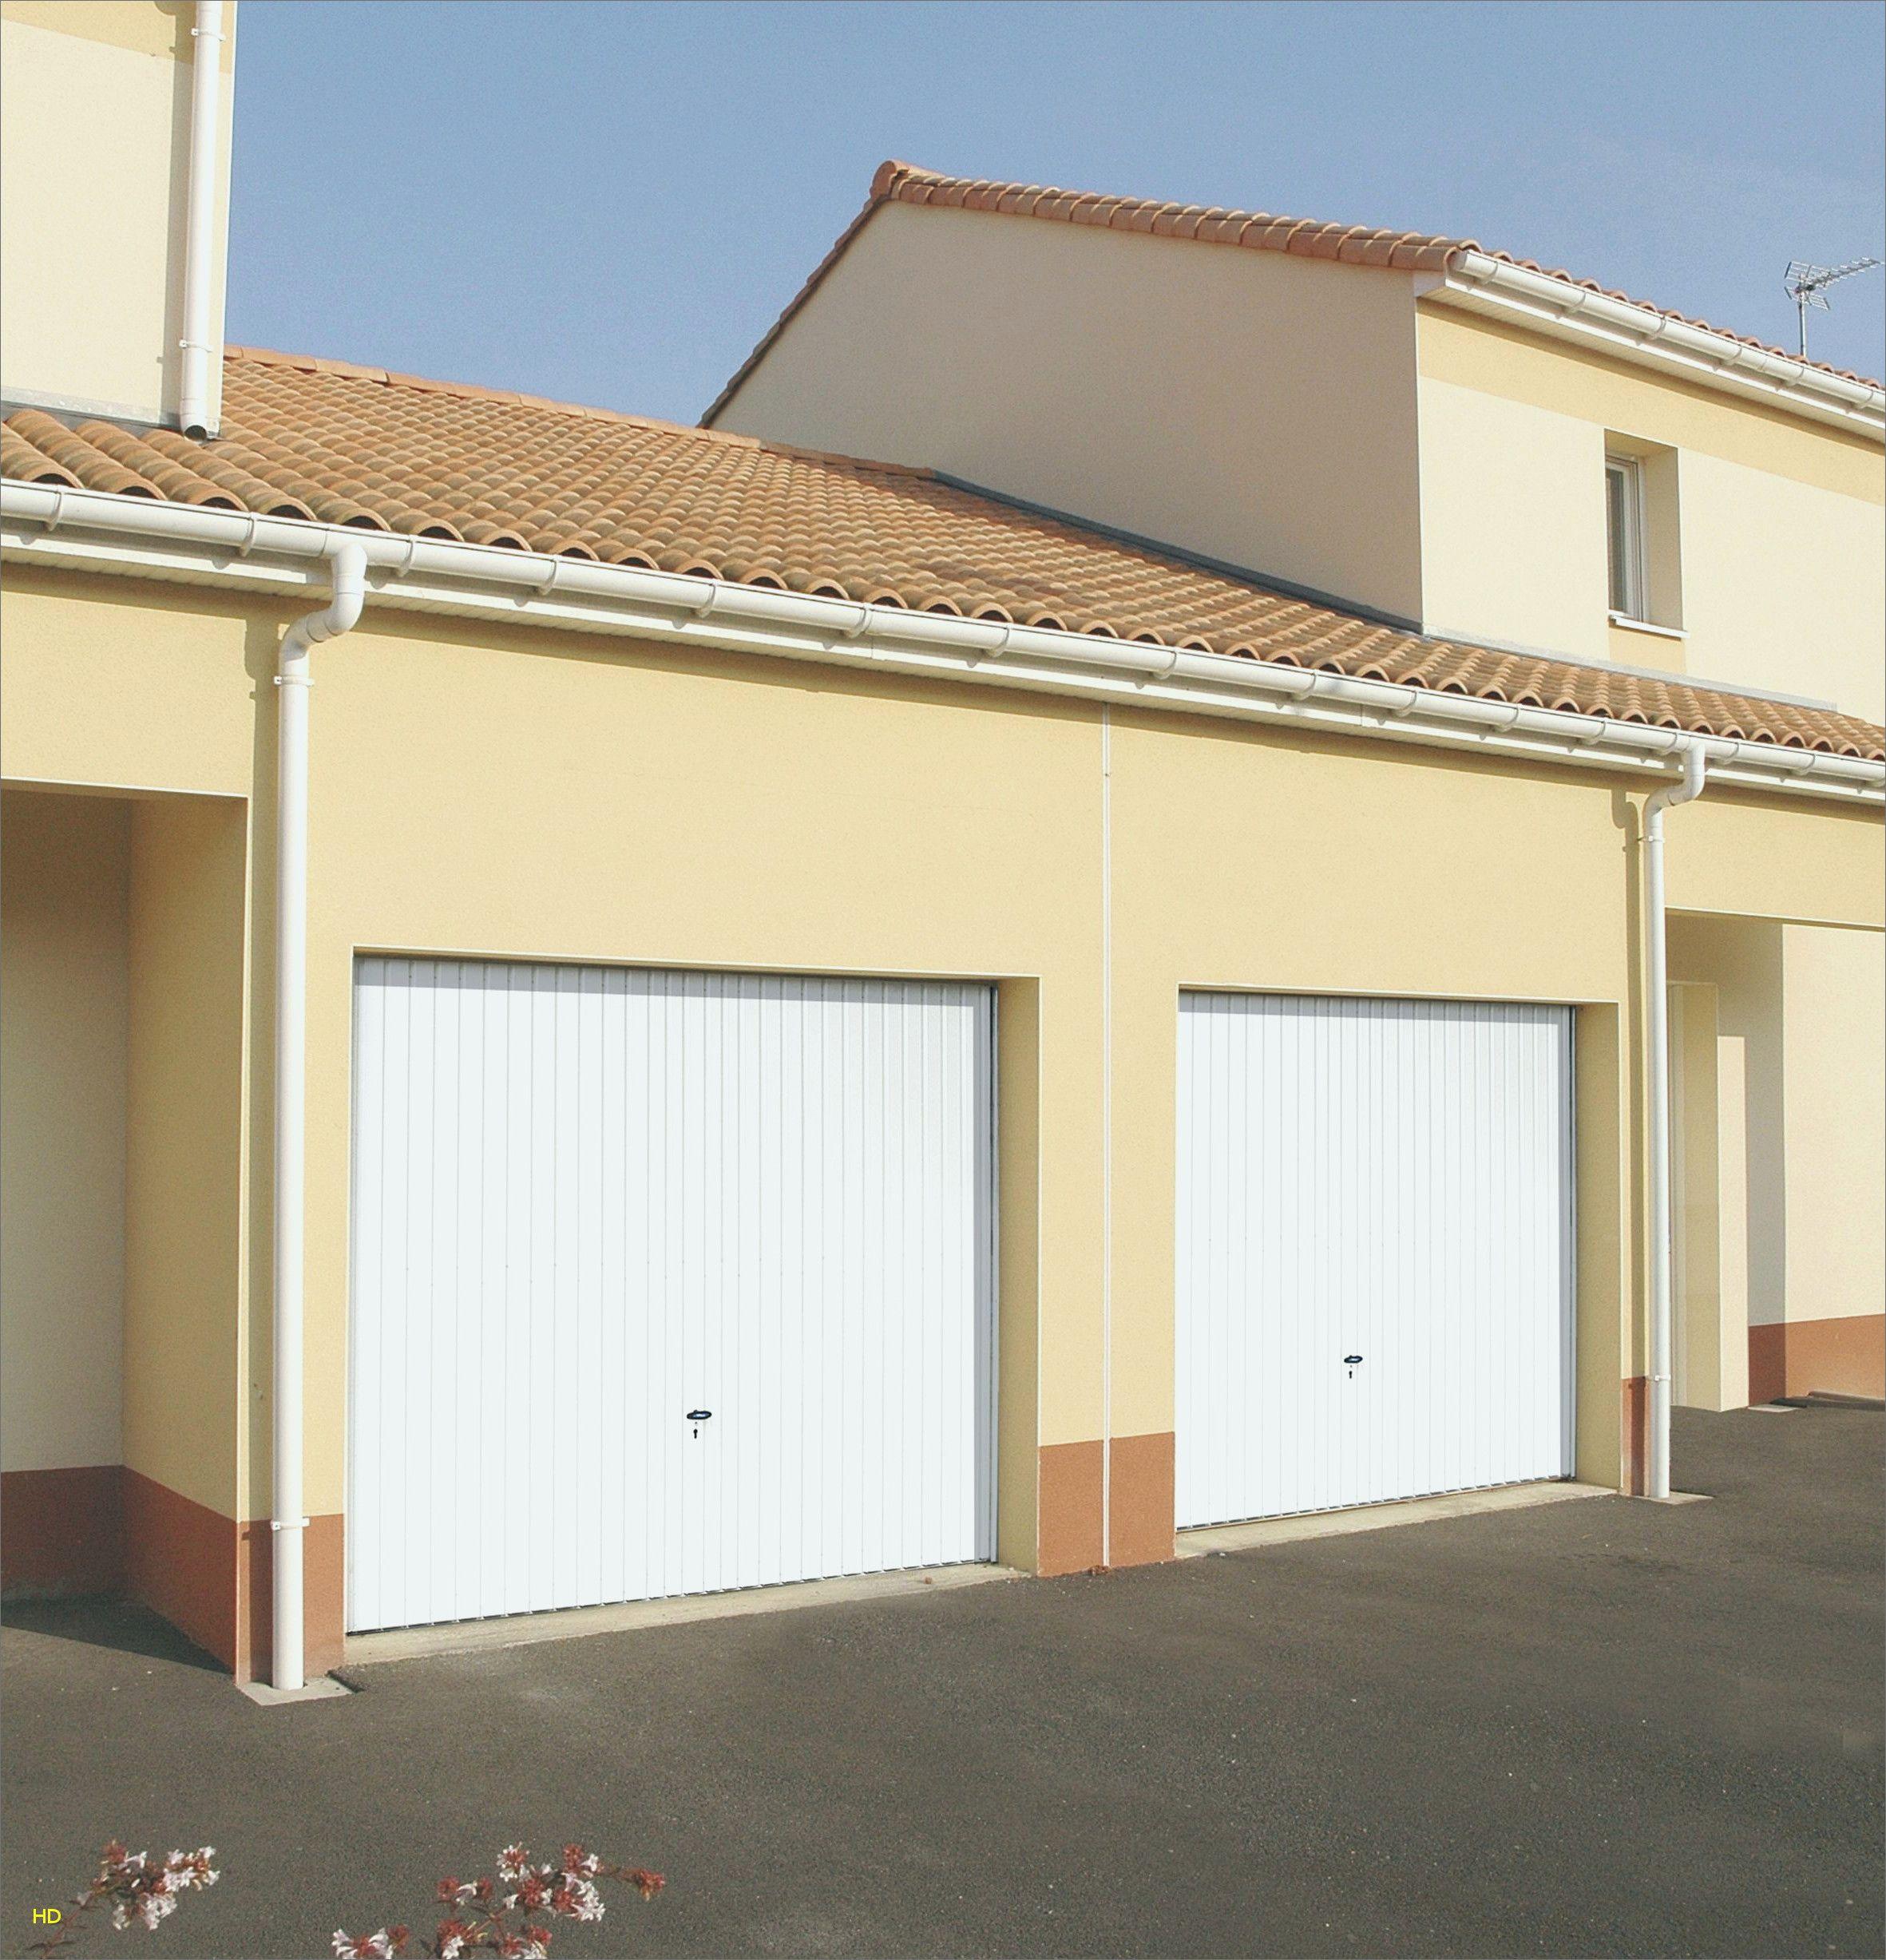 Inspirational Porte De Garage Sur Mesure Castorama Porte Garage Charniere Meuble Seuil De Porte De Garage